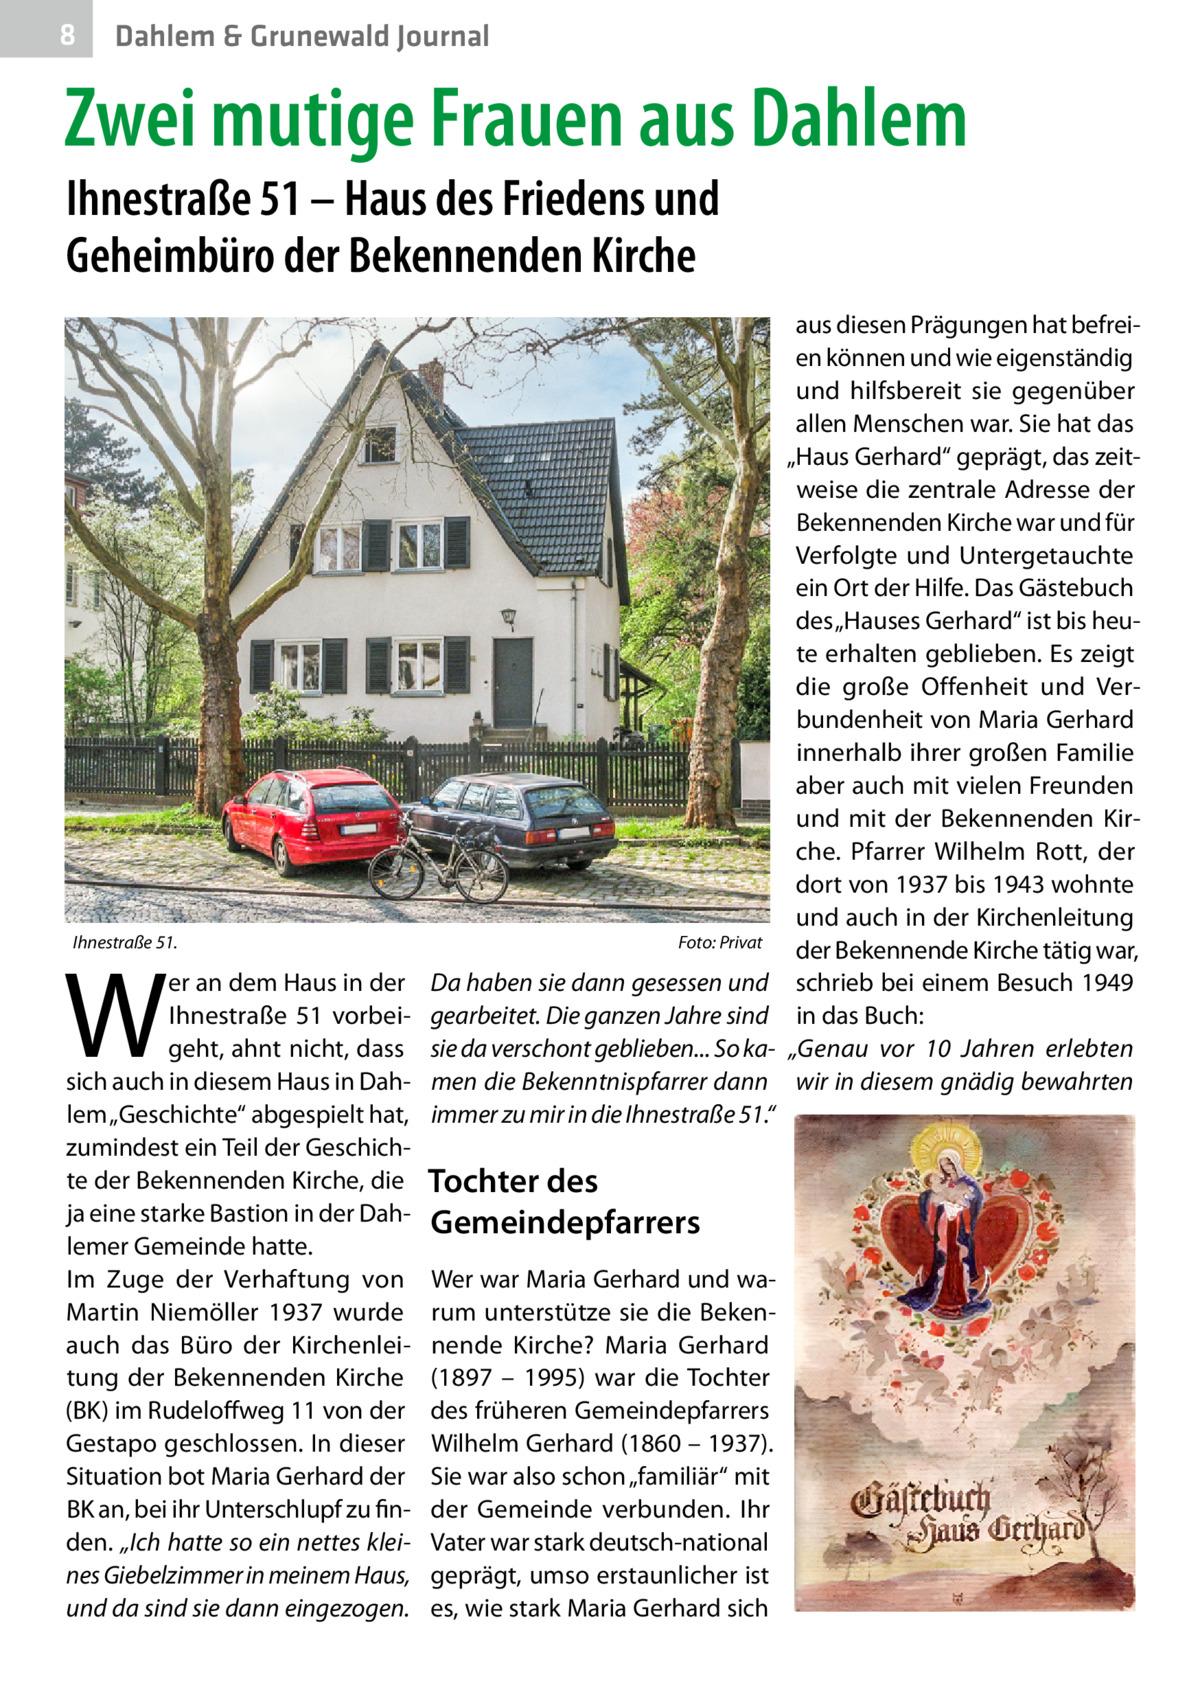 """8  Dahlem & Grunewald Journal  Zwei mutige Frauen aus Dahlem Ihnestraße51 – Haus des Friedens und Geheimbüro der Bekennenden Kirche  Ihnestraße51.�  W  er an dem Haus in der Ihnestraße 51 vorbeigeht, ahnt nicht, dass sich auch in diesem Haus in Dahlem """"Geschichte"""" abgespielt hat, zumindest ein Teil der Geschichte der Bekennenden Kirche, die ja eine starke Bastion in der Dahlemer Gemeinde hatte. Im Zuge der Verhaftung von Martin Niemöller 1937 wurde auch das Büro der Kirchenleitung der Bekennenden Kirche (BK) im Rudeloffweg11 von der Gestapo geschlossen. In dieser Situation bot Maria Gerhard der BK an, bei ihr Unterschlupf zu finden. """"Ich hatte so ein nettes kleines Giebelzimmer in meinem Haus, und da sind sie dann eingezogen.  Foto: Privat  Da haben sie dann gesessen und gearbeitet. Die ganzen Jahre sind sie da verschont geblieben... So kamen die Bekenntnispfarrer dann immer zu mir in die Ihnestraße51.""""  Tochter des Gemeindepfarrers Wer war Maria Gerhard und warum unterstütze sie die Bekennende Kirche? Maria Gerhard (1897 – 1995) war die Tochter des früheren Gemeindepfarrers Wilhelm Gerhard (1860 – 1937). Sie war also schon """"familiär"""" mit der Gemeinde verbunden. Ihr Vater war stark deutsch-national geprägt, umso erstaunlicher ist es, wie stark Maria Gerhard sich  aus diesen Prägungen hat befreien können und wie eigenständig und hilfsbereit sie gegenüber allen Menschen war. Sie hat das """"Haus Gerhard"""" geprägt, das zeitweise die zentrale Adresse der Bekennenden Kirche war und für Verfolgte und Untergetauchte ein Ort der Hilfe. Das Gästebuch des """"Hauses Gerhard"""" ist bis heute erhalten geblieben. Es zeigt die große Offenheit und Verbundenheit von Maria Gerhard innerhalb ihrer großen Familie aber auch mit vielen Freunden und mit der Bekennenden Kirche. Pfarrer Wilhelm Rott, der dort von 1937 bis 1943 wohnte und auch in der Kirchenleitung der Bekennende Kirche tätig war, schrieb bei einem Besuch 1949 in das Buch: """"Genau vor 10 Jahren erlebten wir in diesem gnädig bewahrten"""